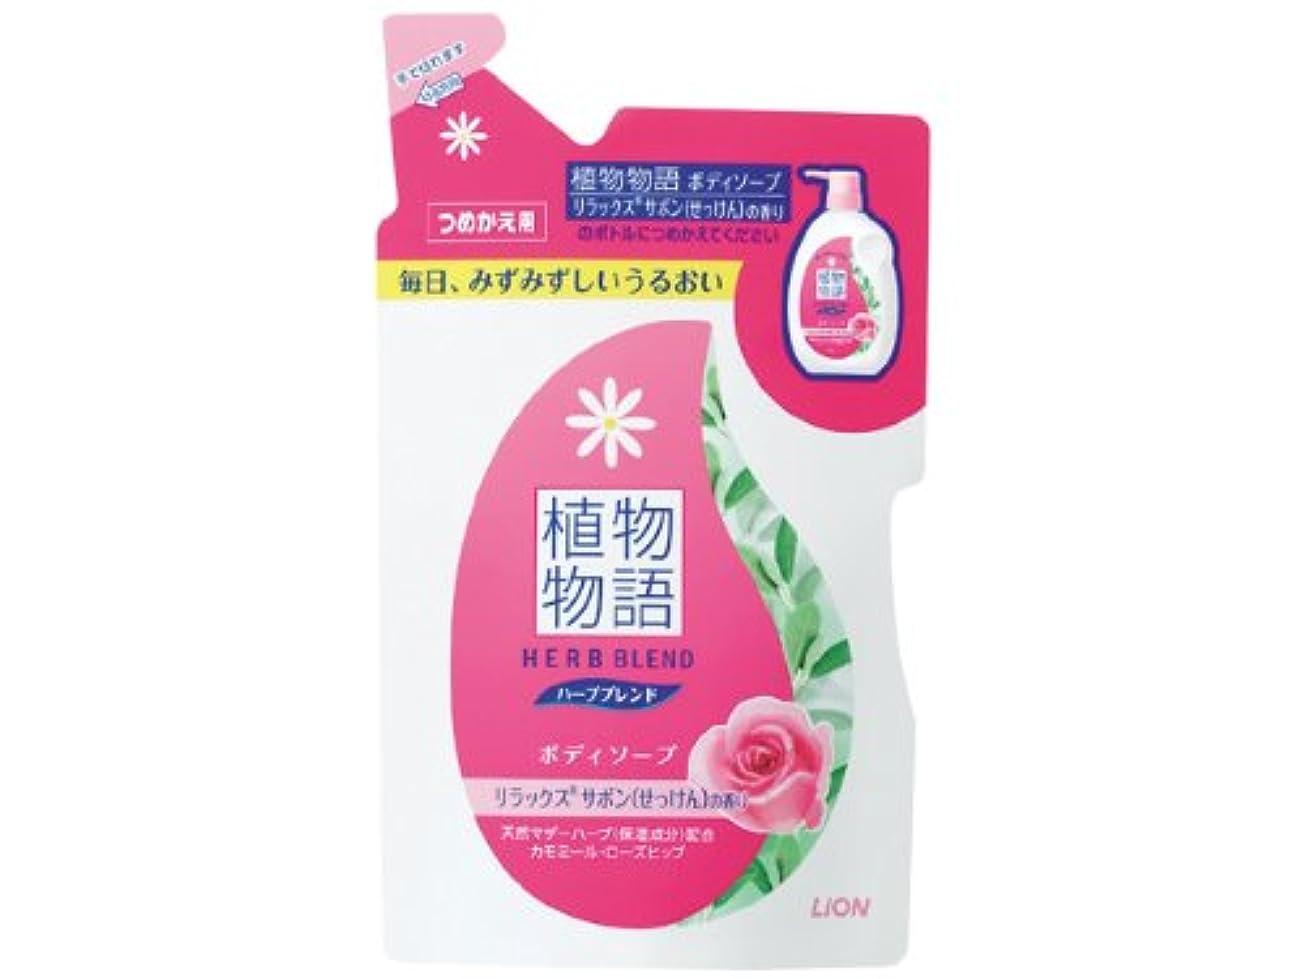 マーチャンダイジング危険することになっている植物物語 ハーブブレンド ボディソープ リラックスサボン(せっけん)の香り つめかえ用 420mL